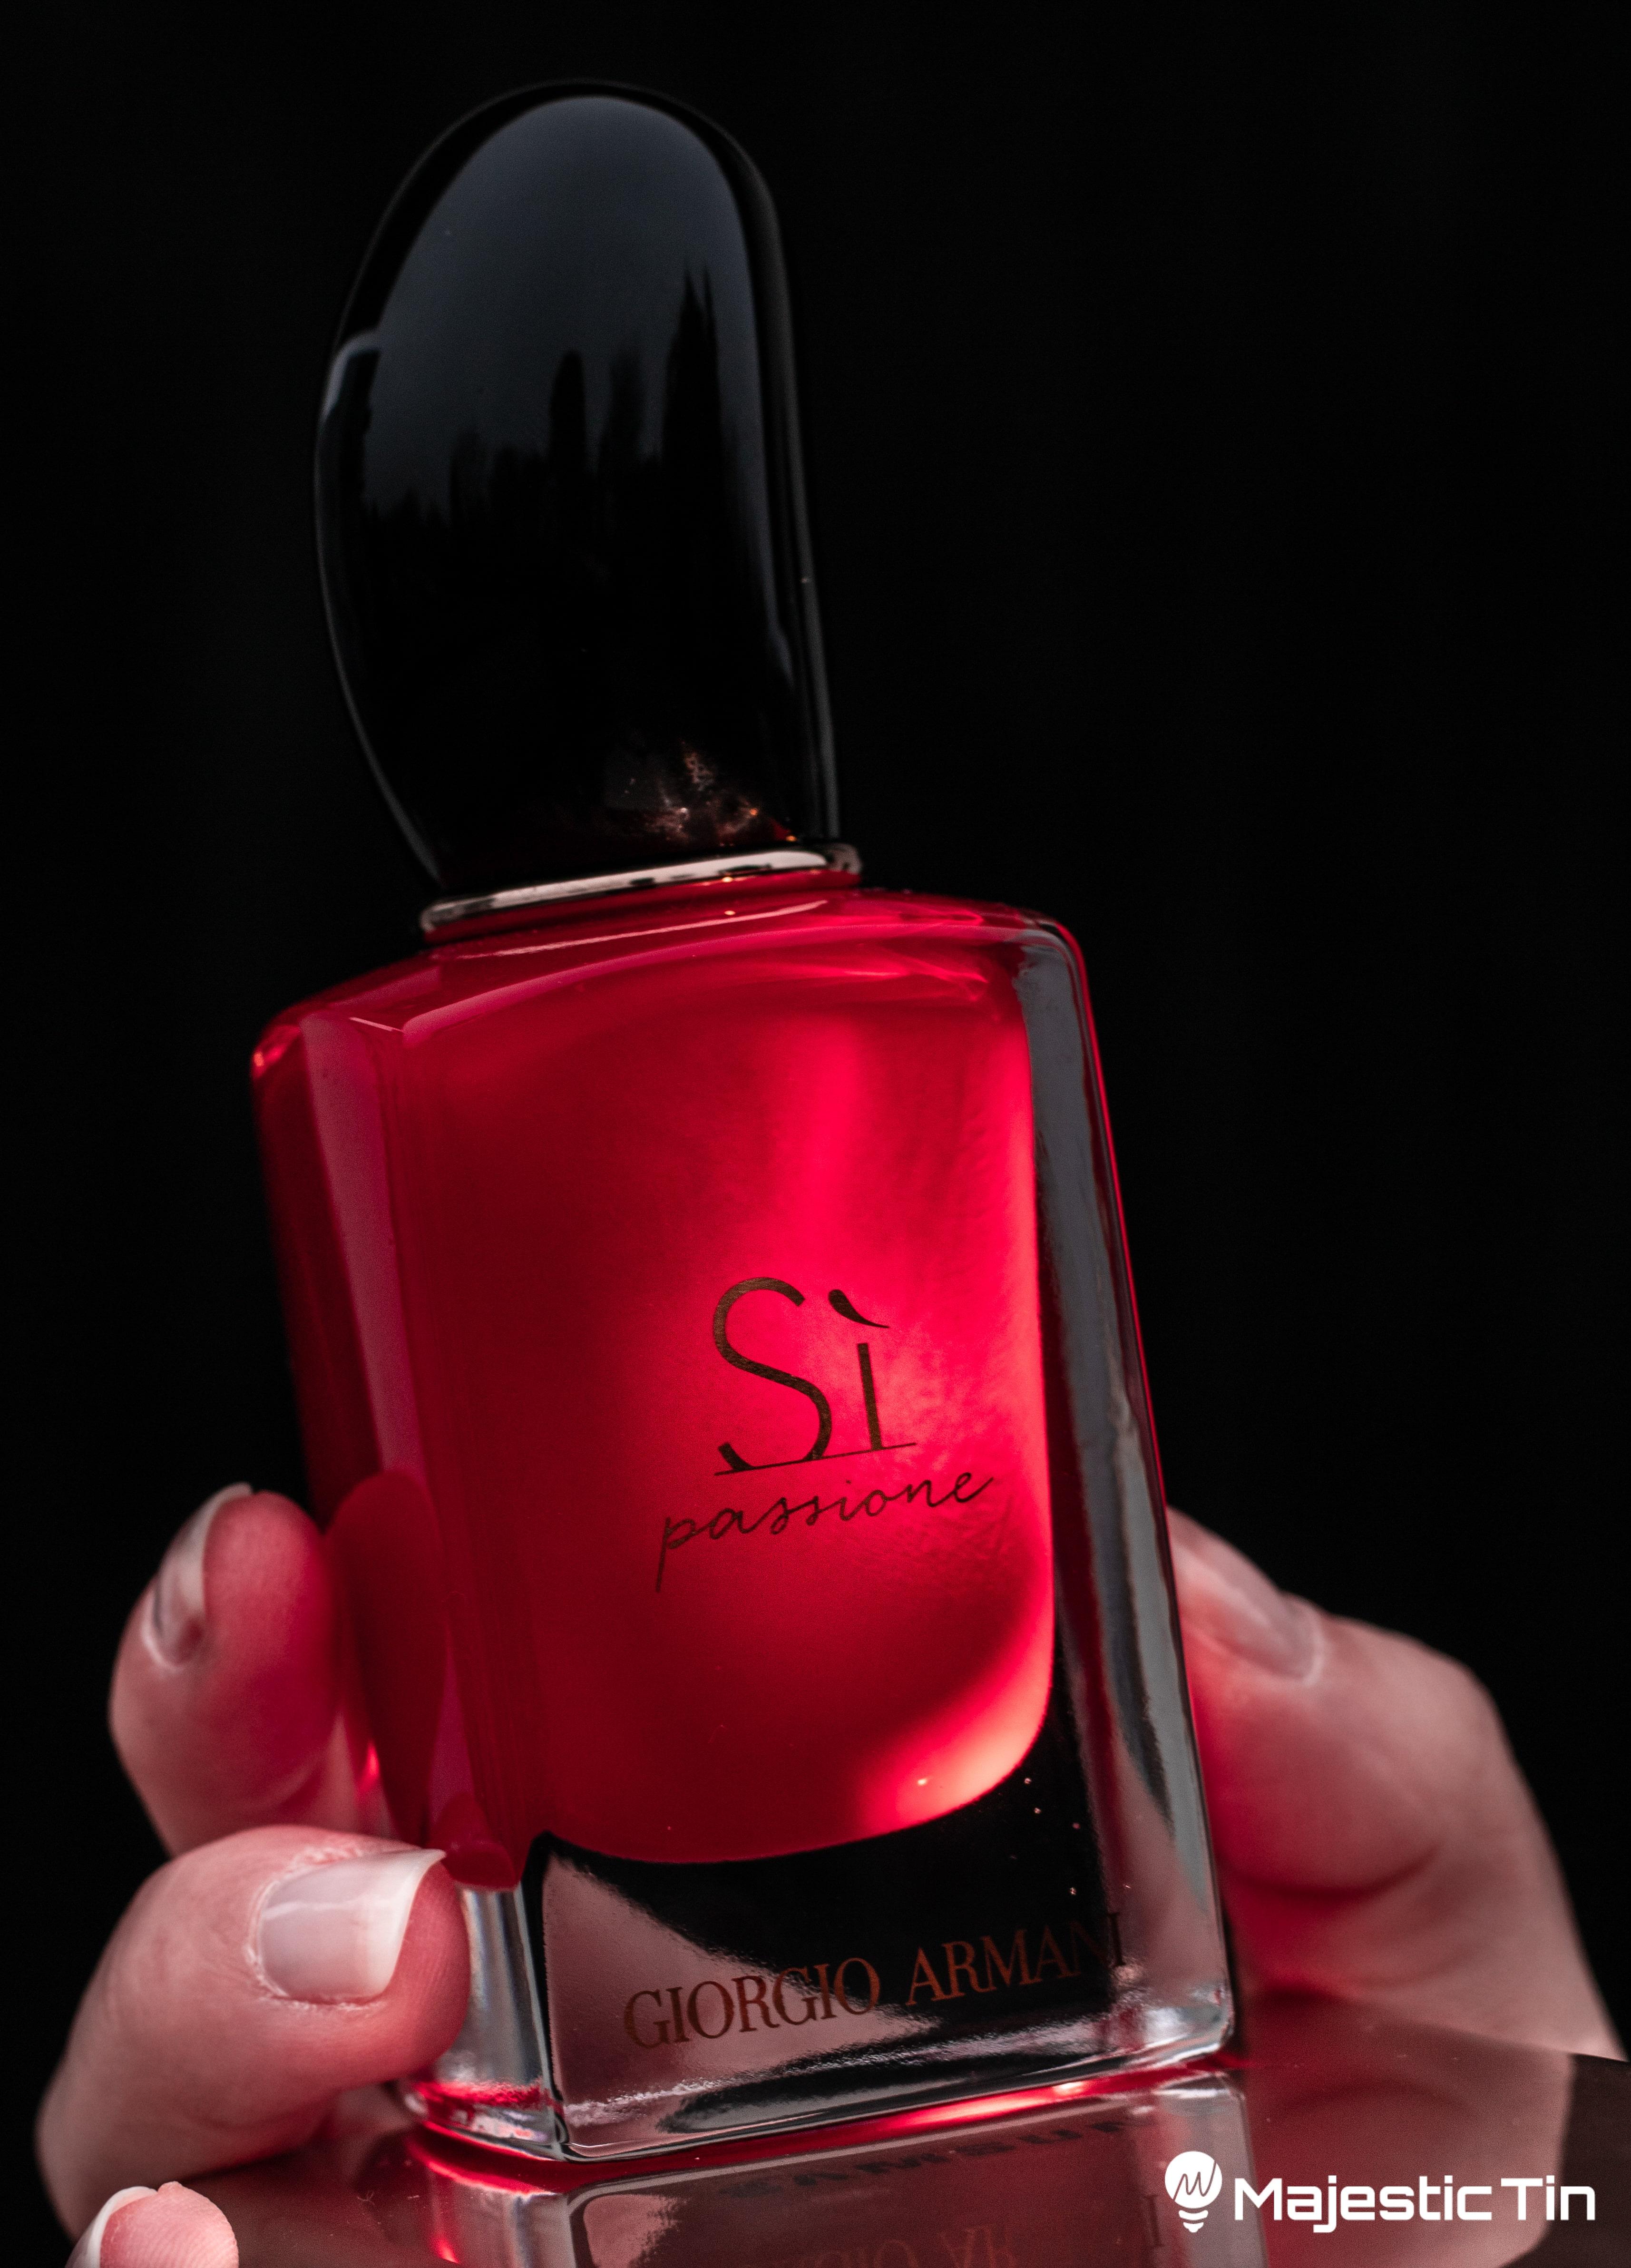 Reklama za Armani parfem